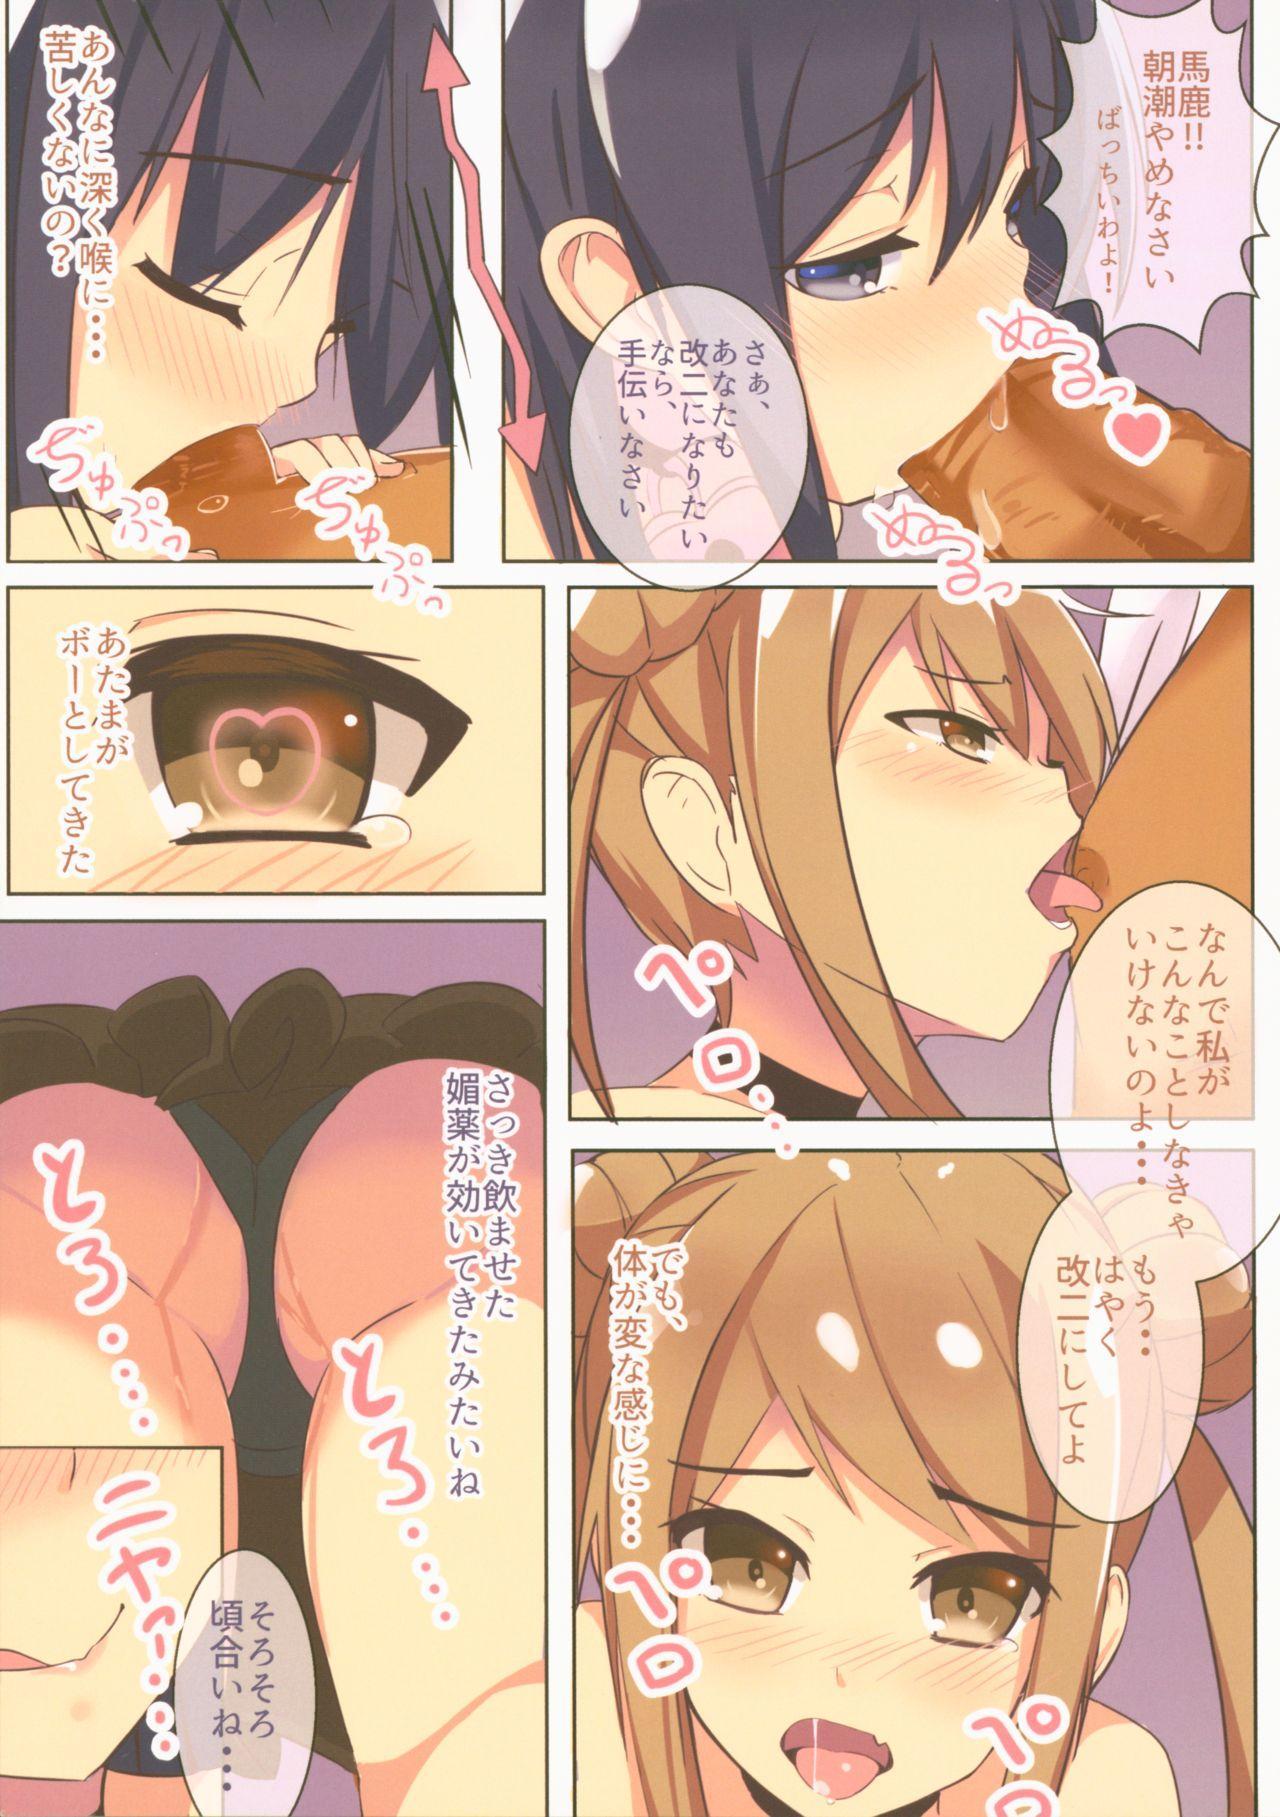 Michishio ga Asashio ni Kai Ni ni Nareru to Biyaku o Nomasarete Eroi Koto o Suru Usui Hon. 2